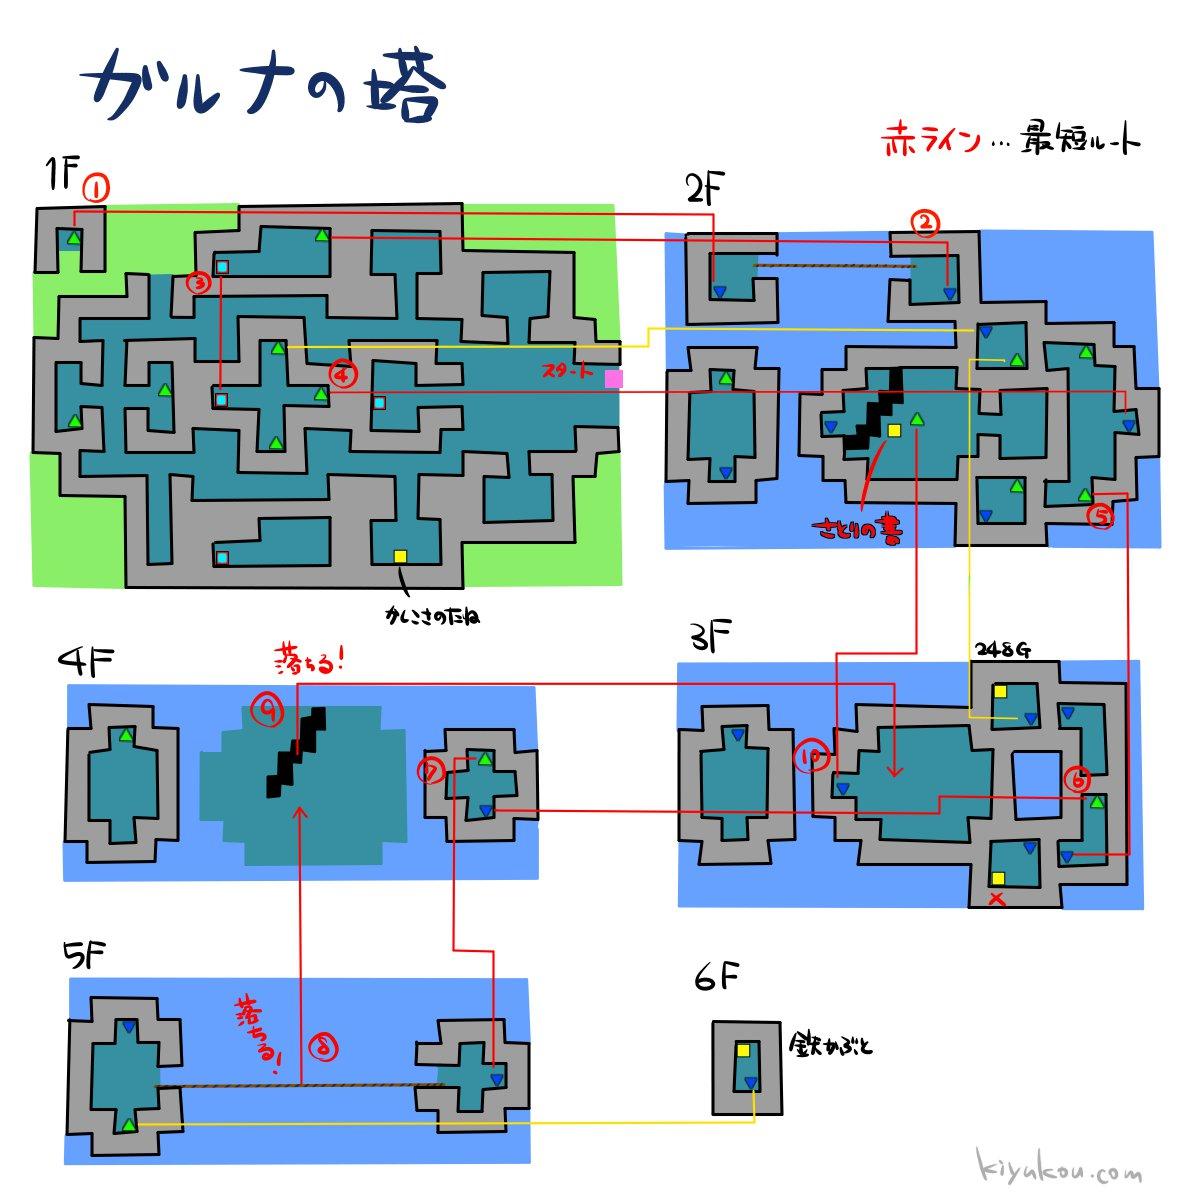 ドラゴンクエスト3のガルナの塔のダンジョンマップ